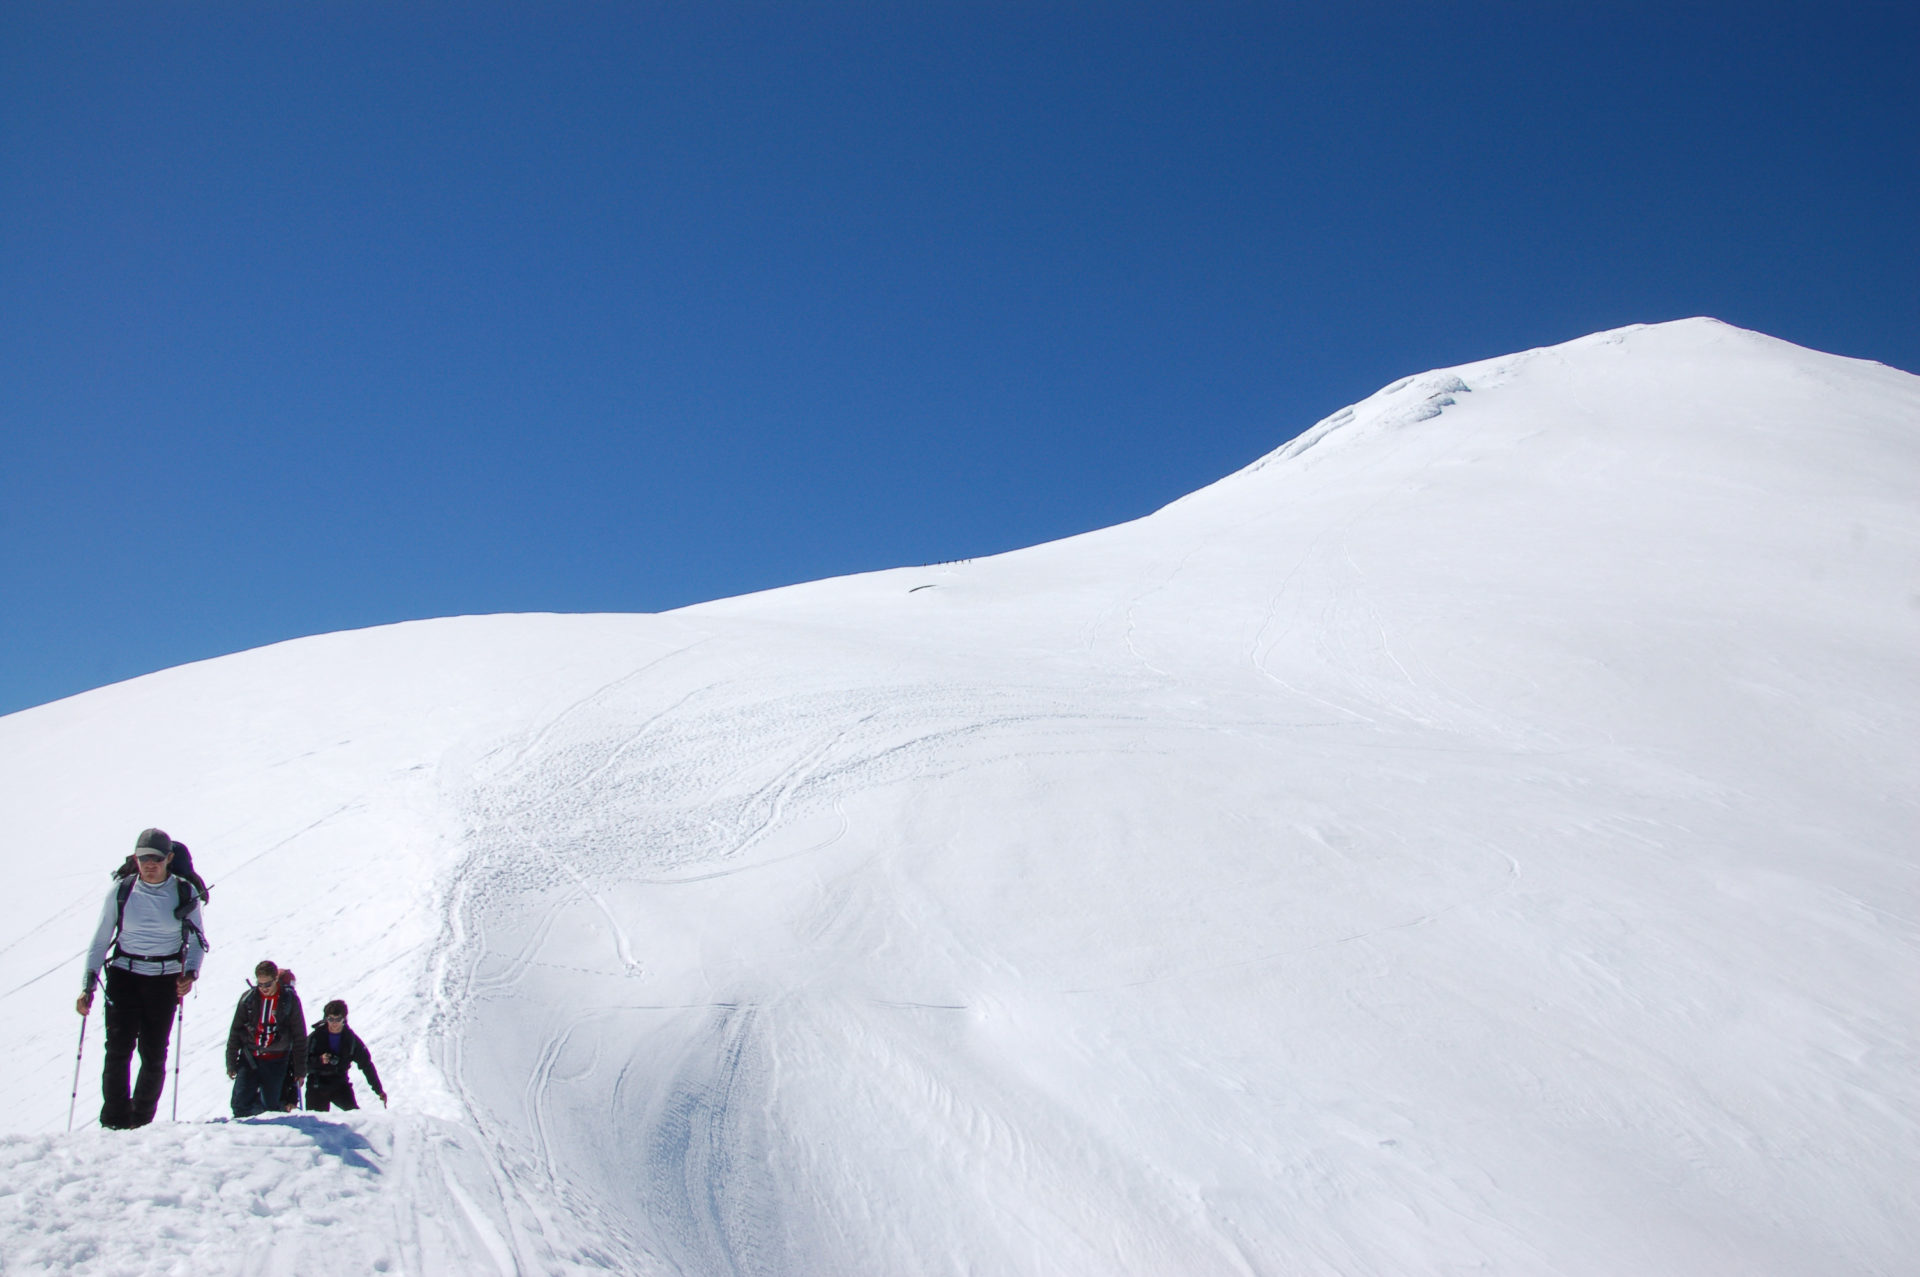 Bergsteiger am Vulkan Villarrica in Patagonien mit viel Schnee